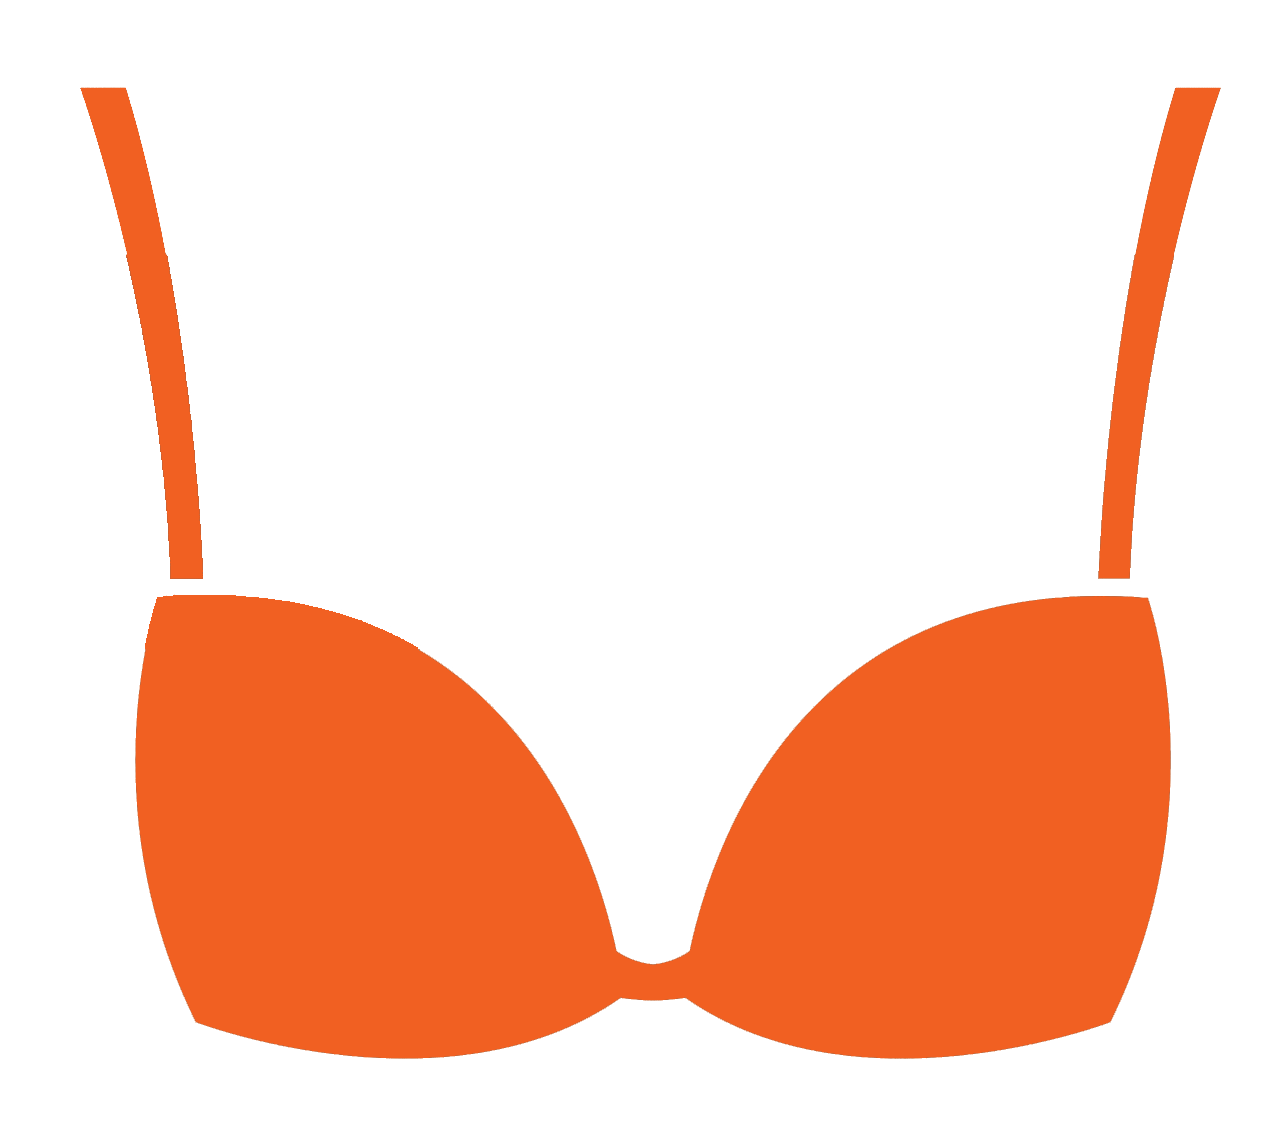 clipart free library Bra clipart. Orange icon png orangebraicon.